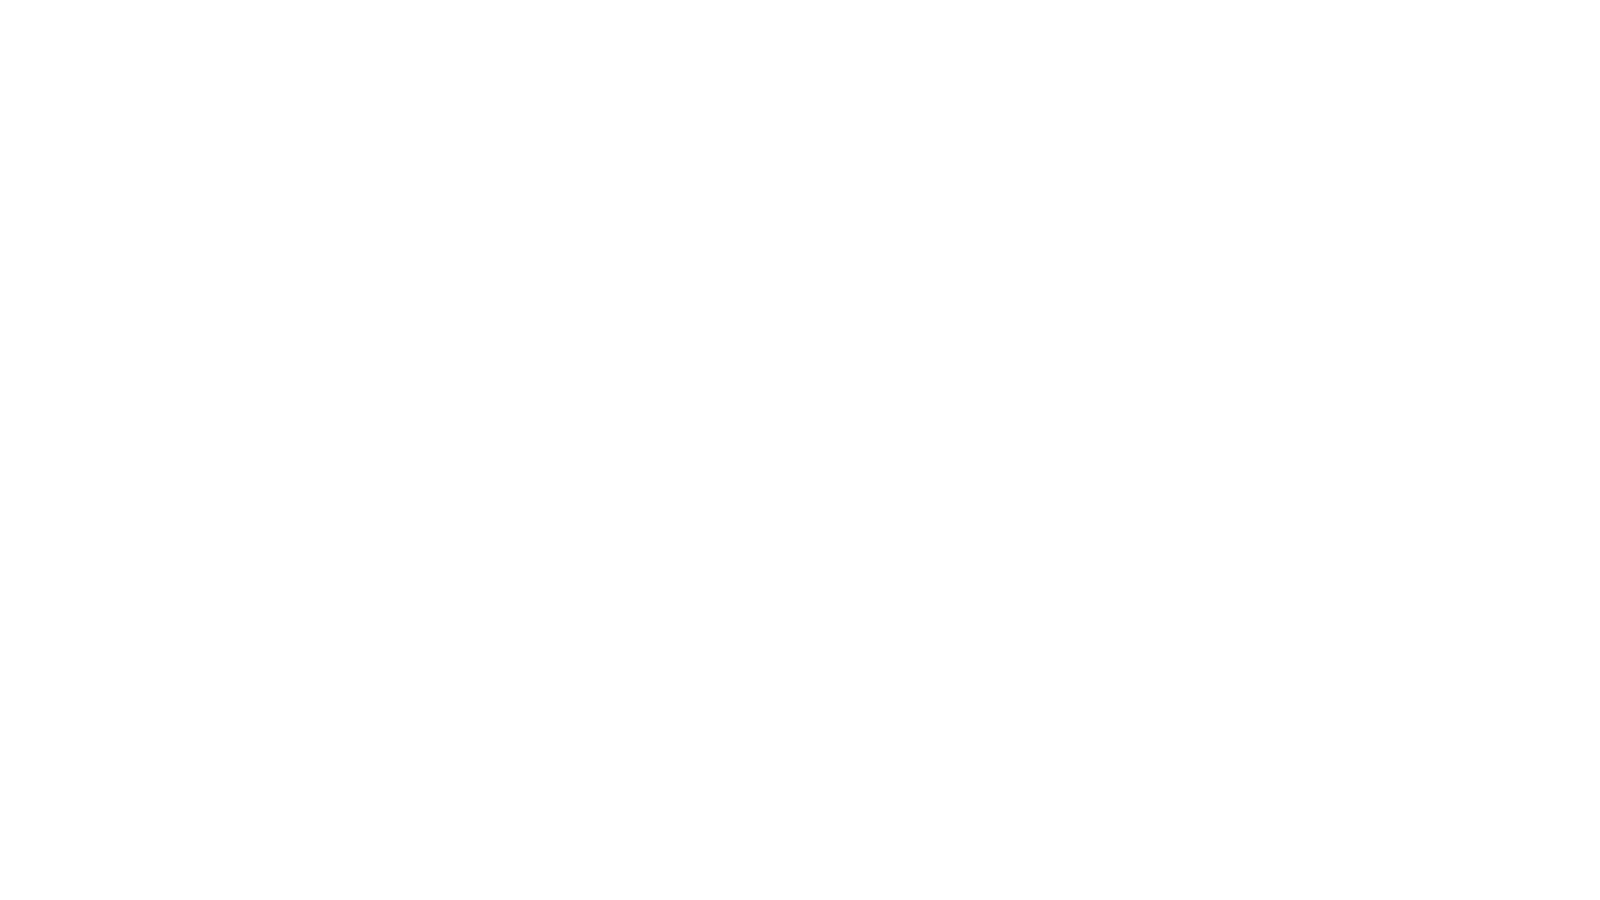 Emoção e reconhecimento marcaram a entrega da Medalha ao Mérito, uma horaria conferida pelo Sistema Confea/Crea e pela Mútua, na manhã de hoje (23). O geólogo Waldir Duarte Costa, aos 83 anos, e o engenheiro civil Hermínio Filomeno da Silva Neto (in memoriam) foram os contemplados. Eles foram escolhidos pelas contribuições ao desenvolvimento econômico, cultural, acadêmico, científico, técnico, classista, político, ambiental, ético ou social do país.